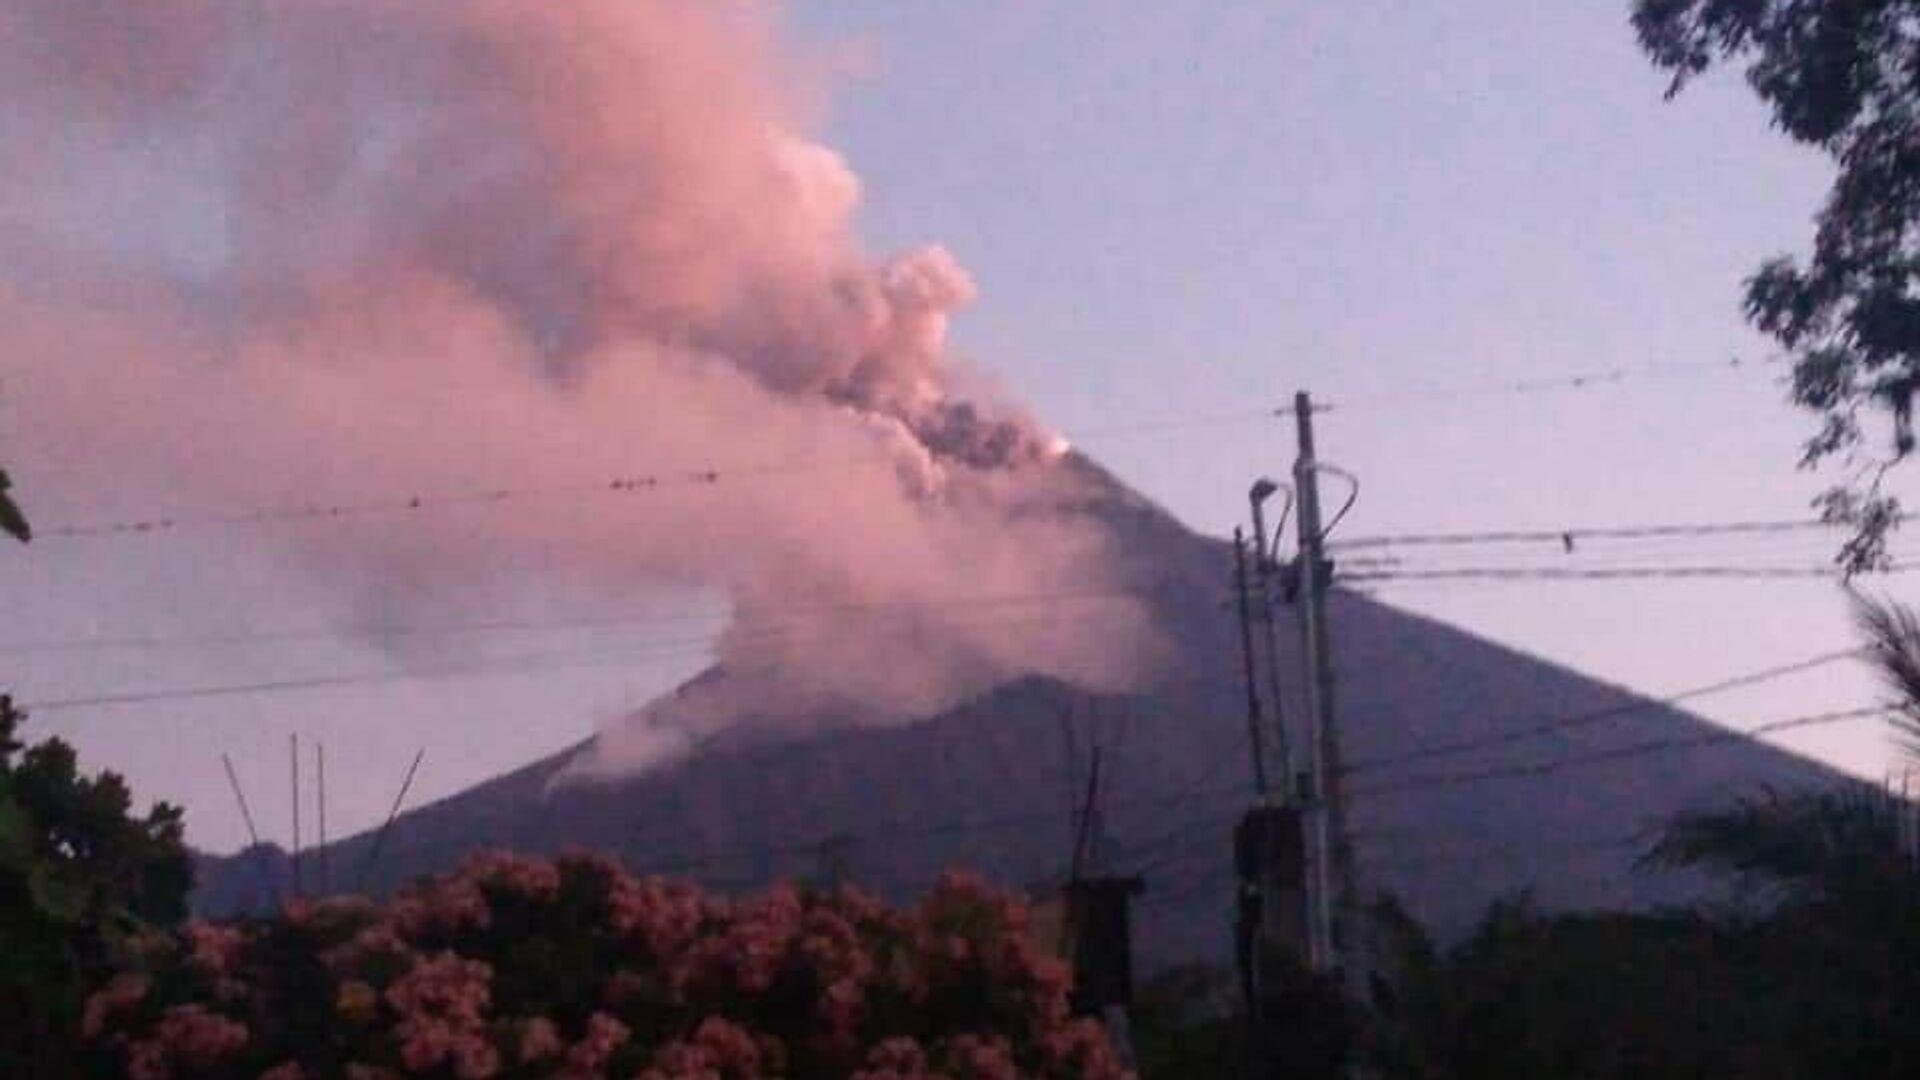 Guatemala Ulusal Volkanoloji Enstitüsü (Insivumeh), 3 bin 763 metre yüksekliğindeki Fuego Yanardağının faaliyete geçtiğini açıklarken, yanardağdan akan lavların şimdiden 6 kilometre yol kat ettiğini aktardı. - Sputnik Türkiye, 1920, 23.09.2021